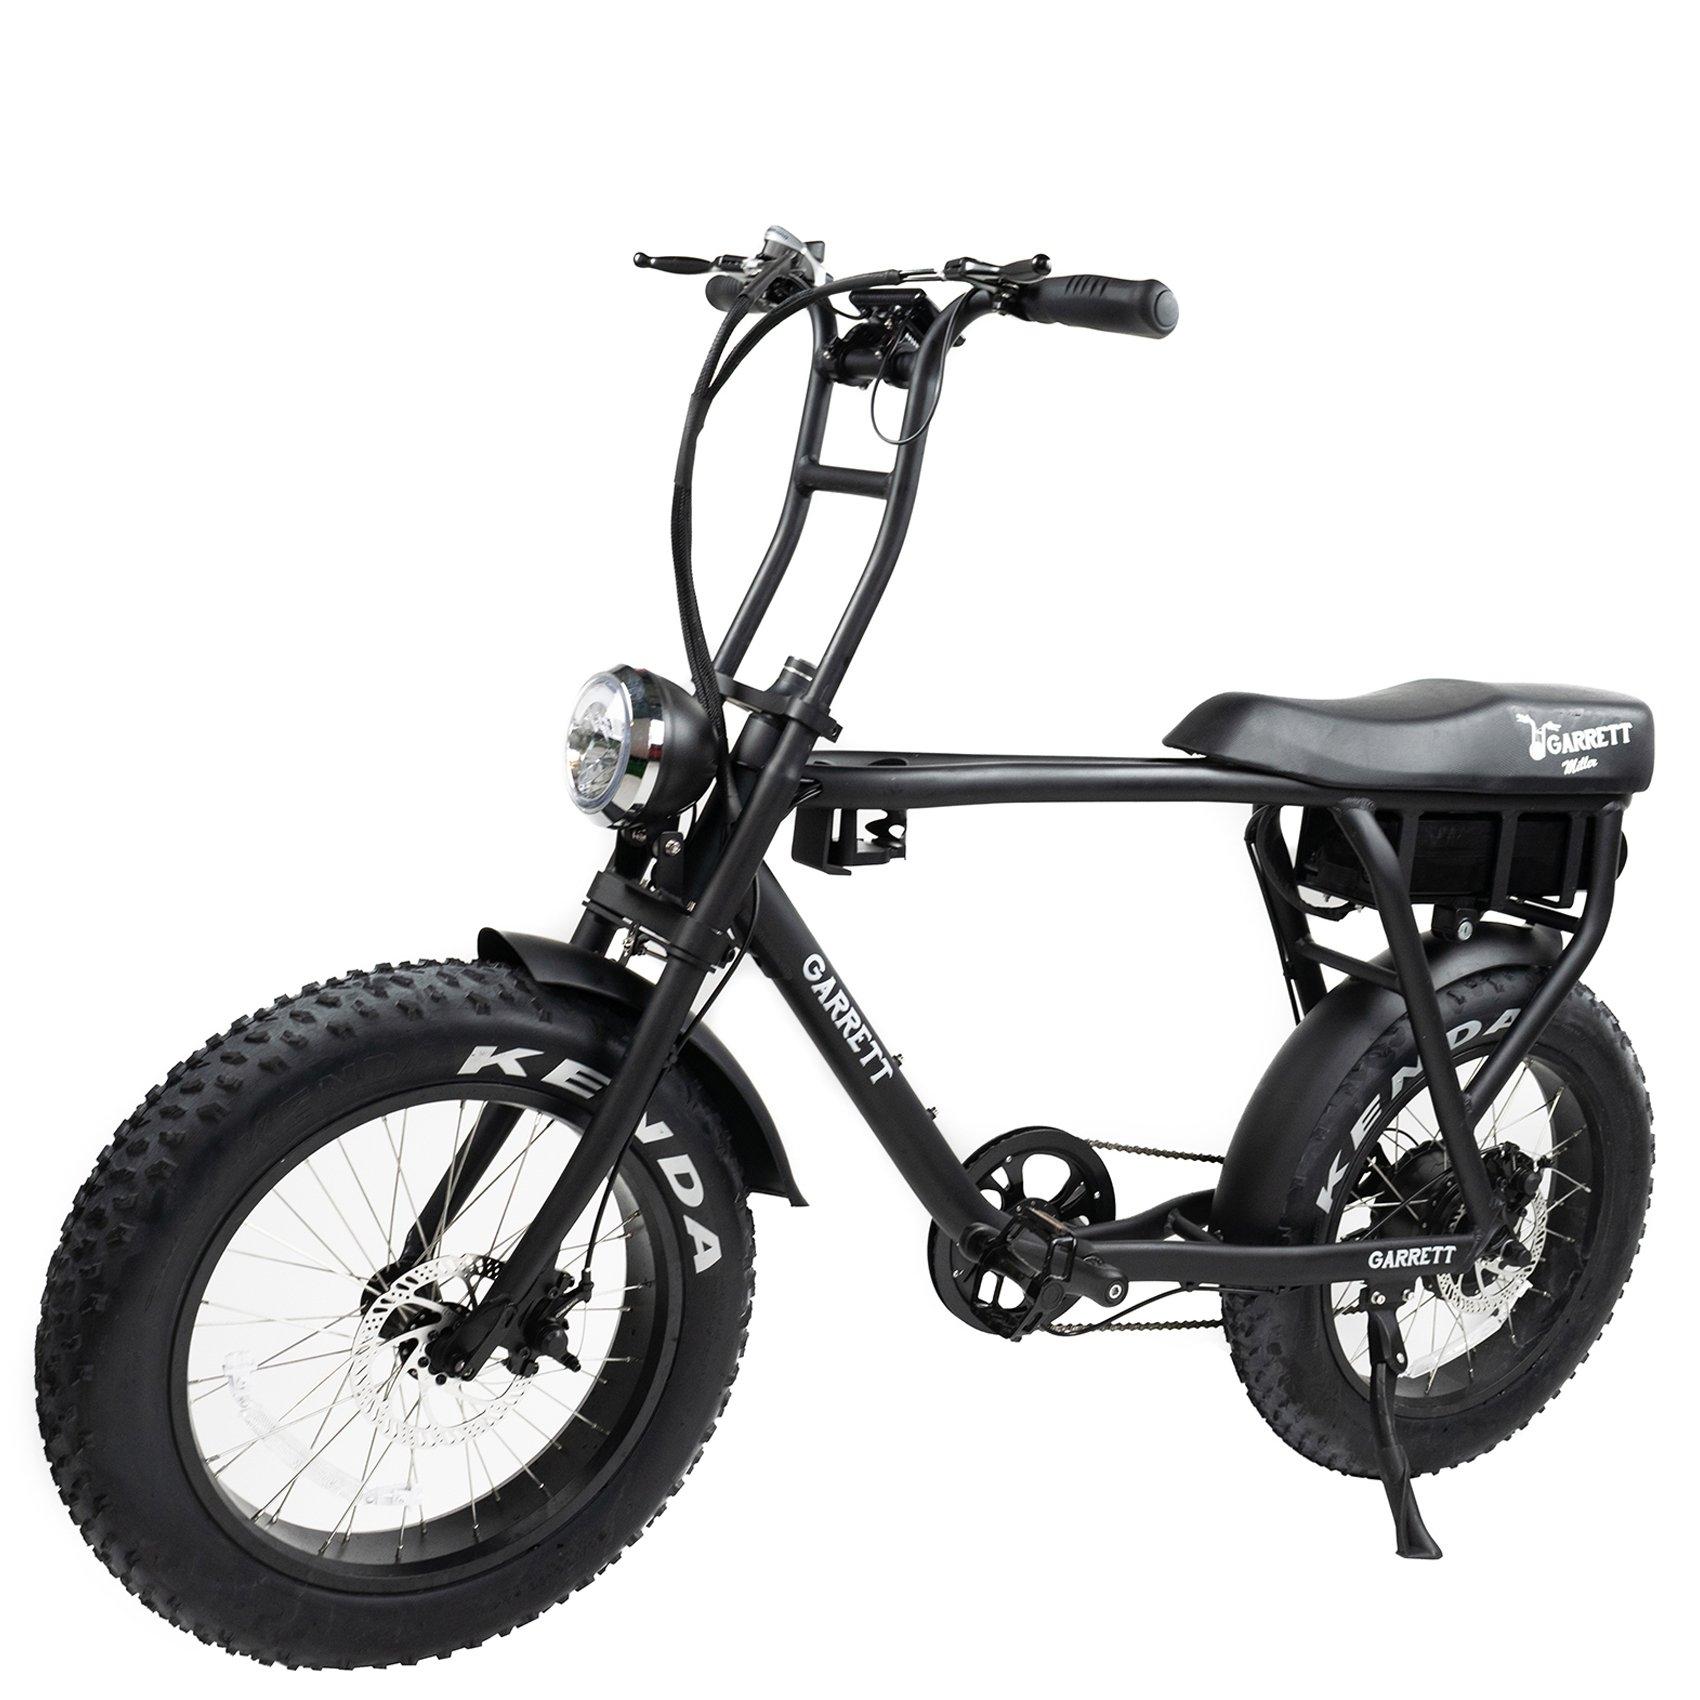 Weebot Garrett Miller (Vélo électrique)